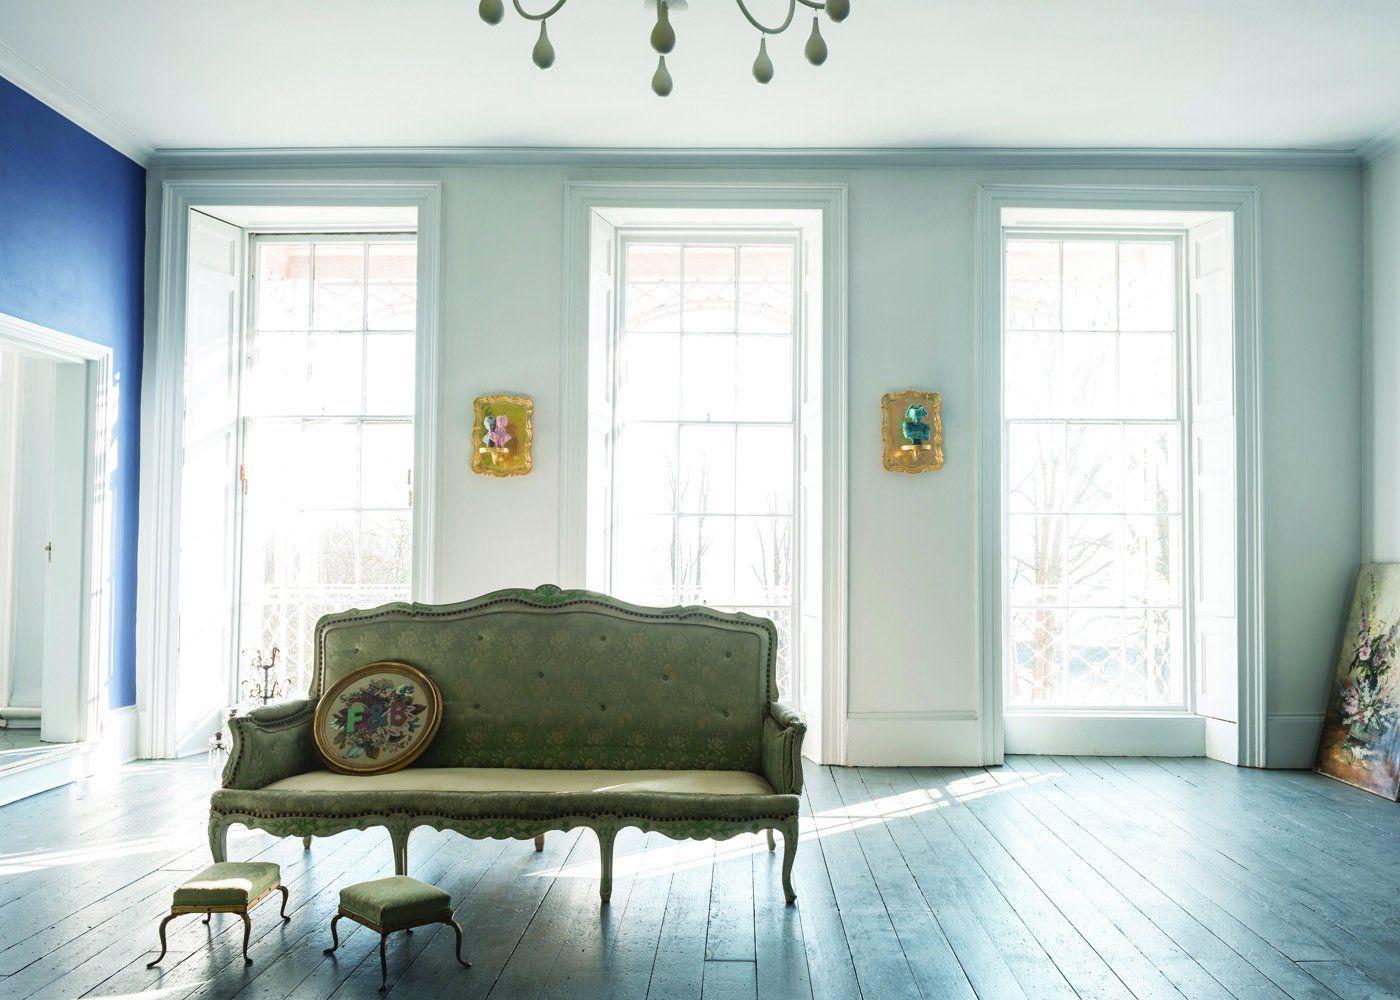 Couleur Les Nouveautes Peinture 2015 Avec Images Peinture Salon Couleur Salon Murs Peints En Bleu